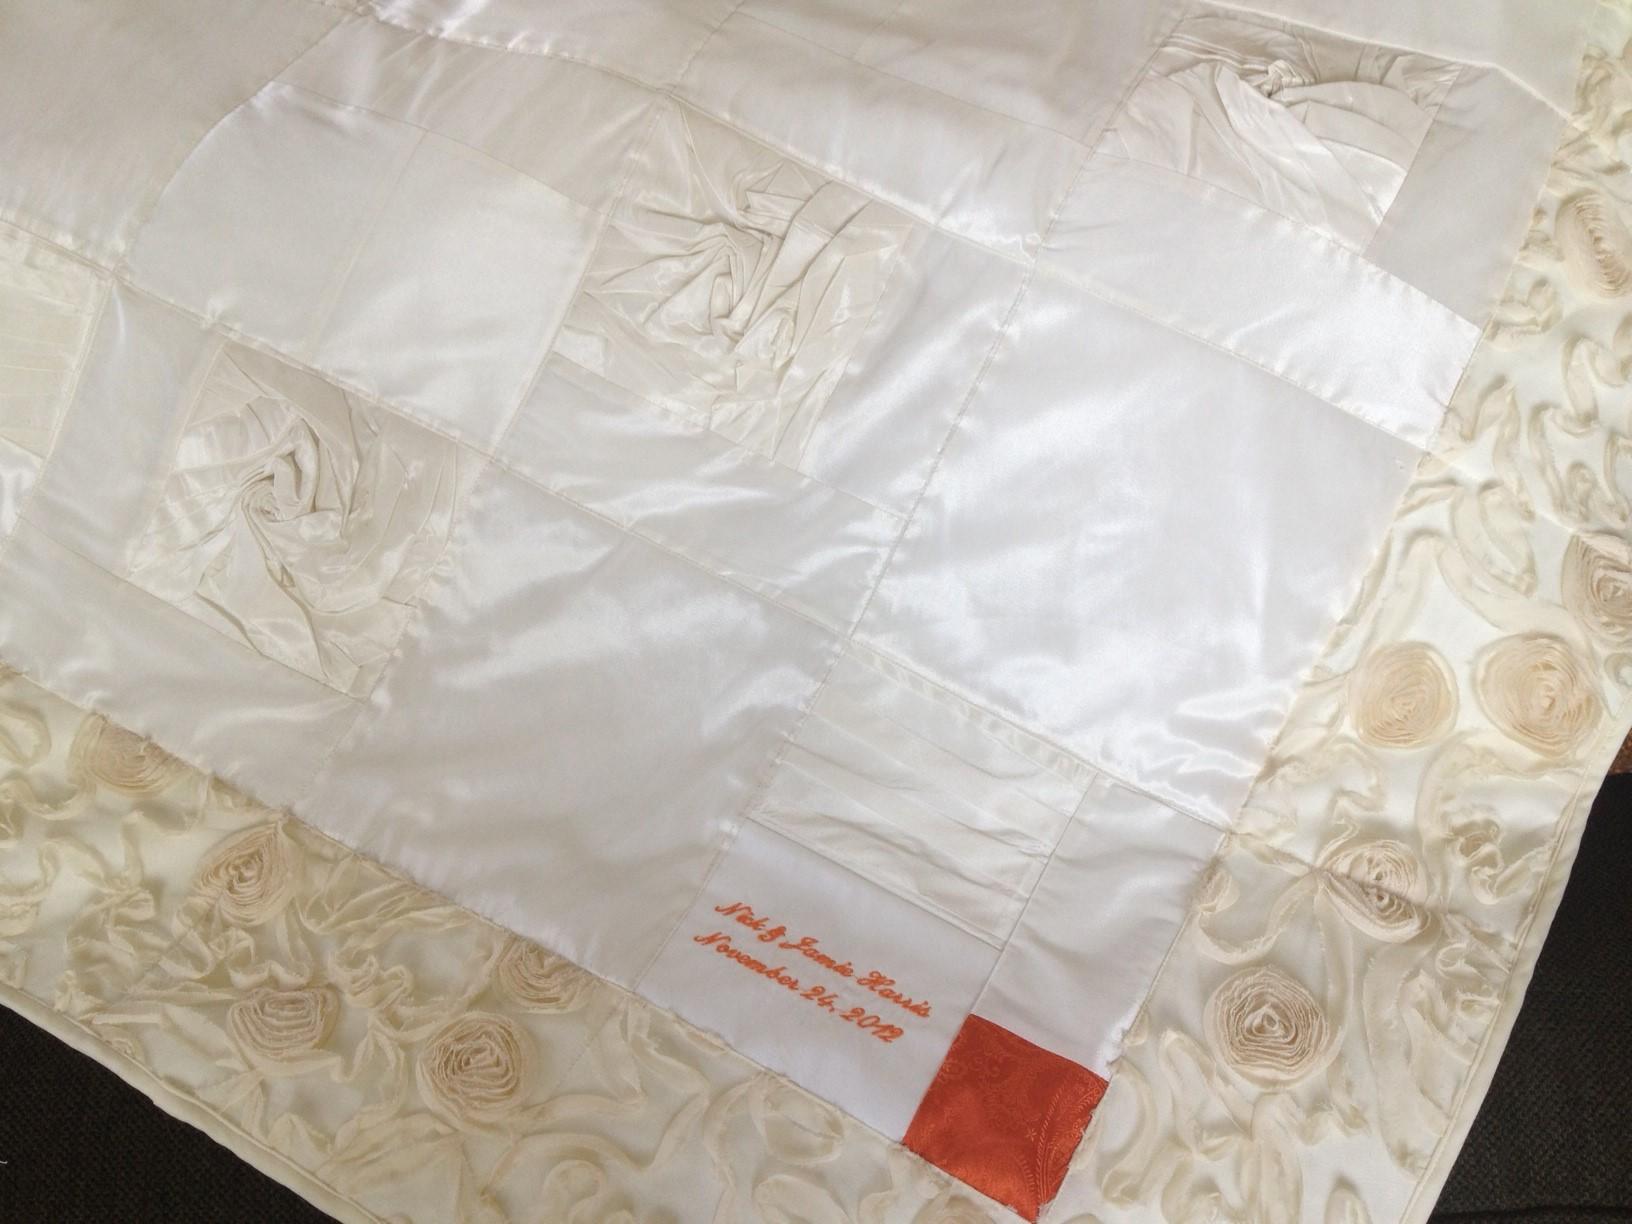 wedding dress quilt | The Patchwork Bear : wedding dress quilts - Adamdwight.com